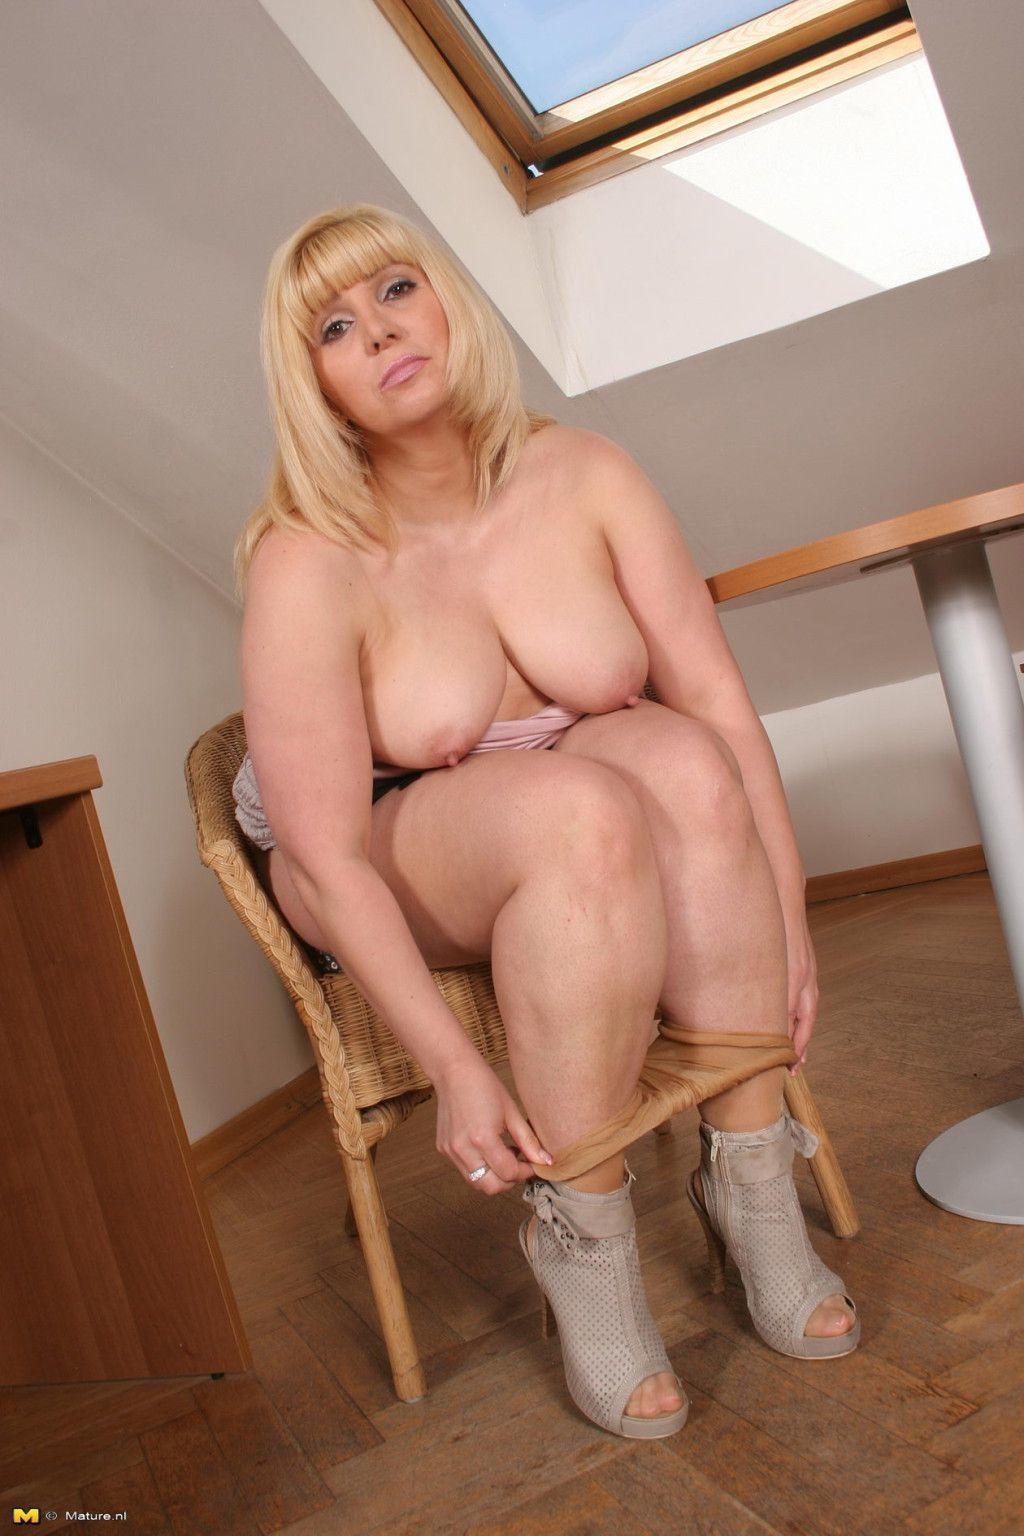 Hot blondes porn videos